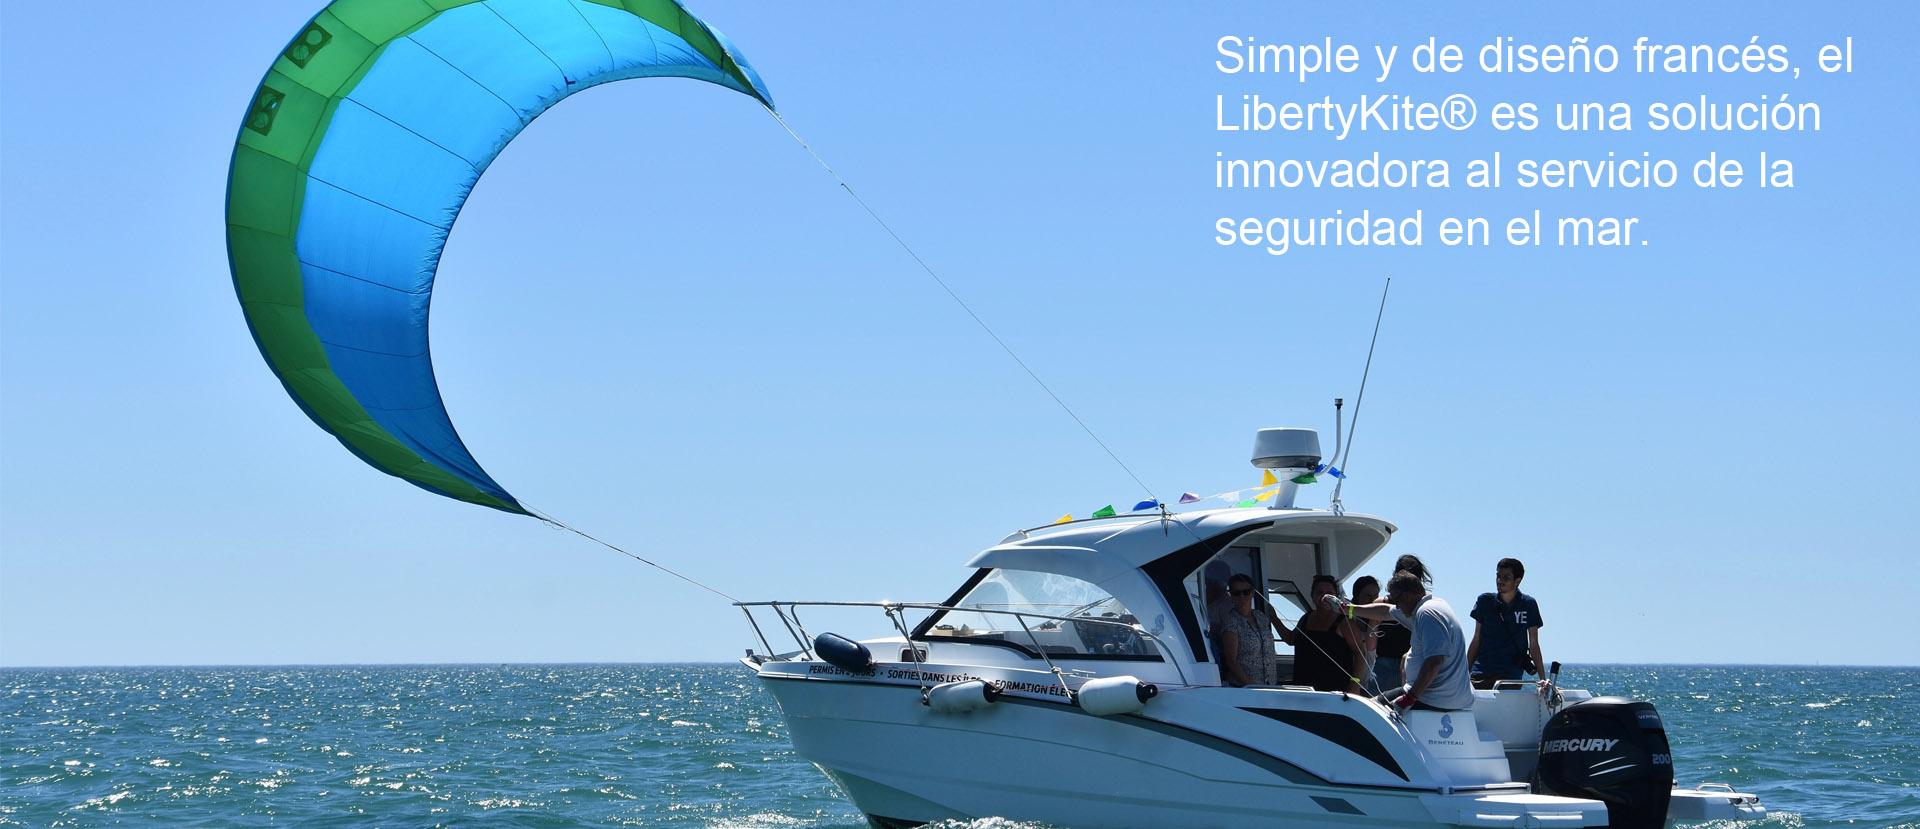 Simple y de diseño francés, el LibertyKite® es una solución innovadora al servicio de la seguridad en el mar.